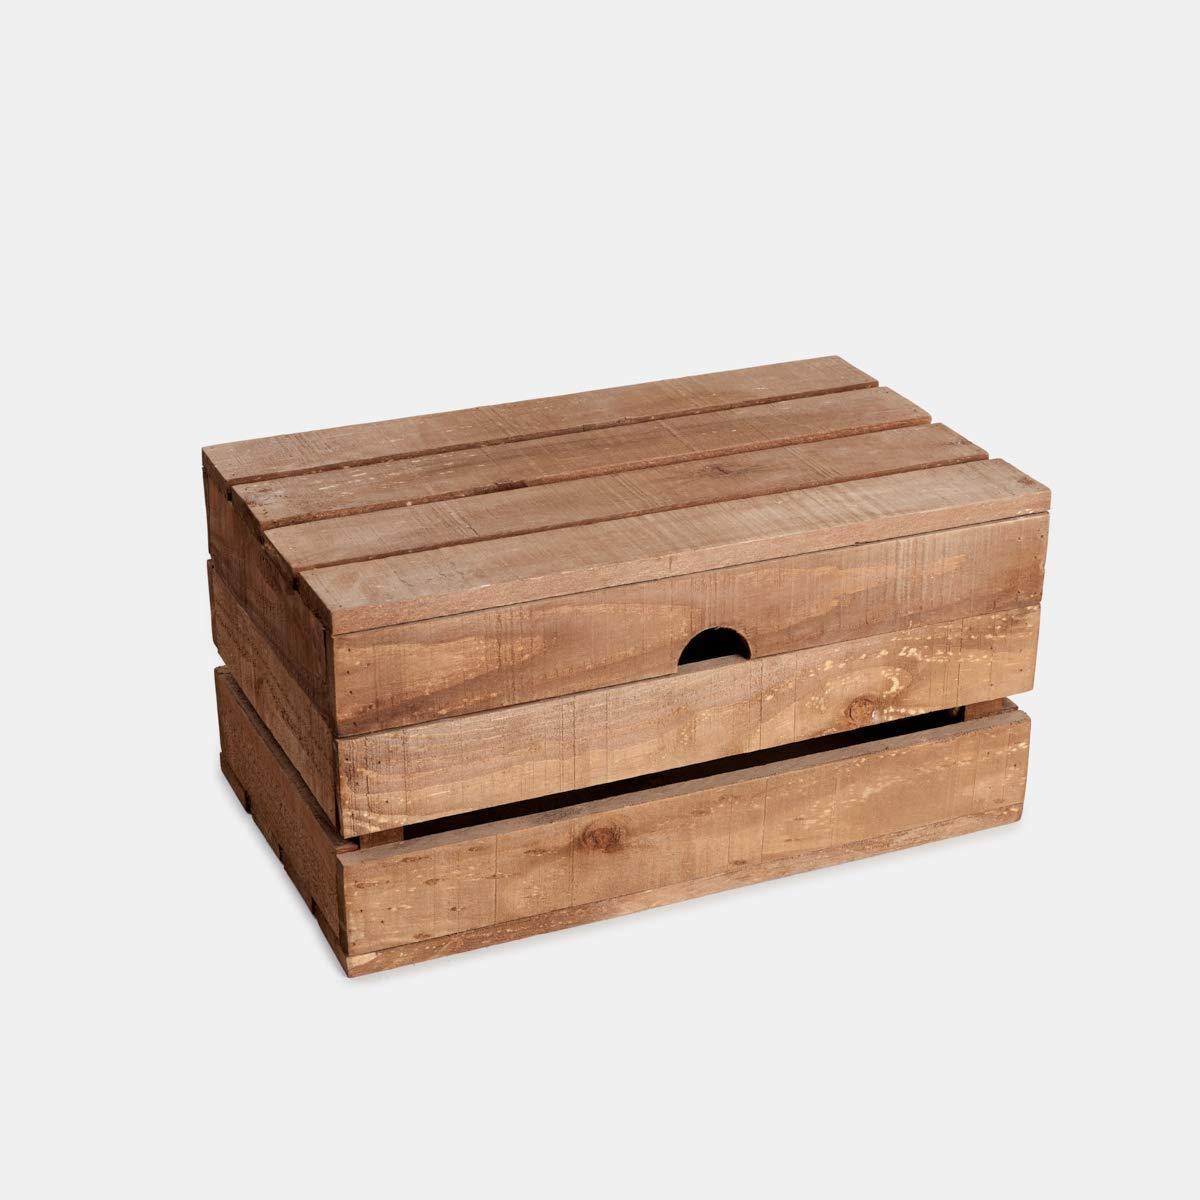 Reabajas oferta prime day Baul, arca, cajon, caja se madera de pino envejecido para almacenar: Amazon.es: Handmade